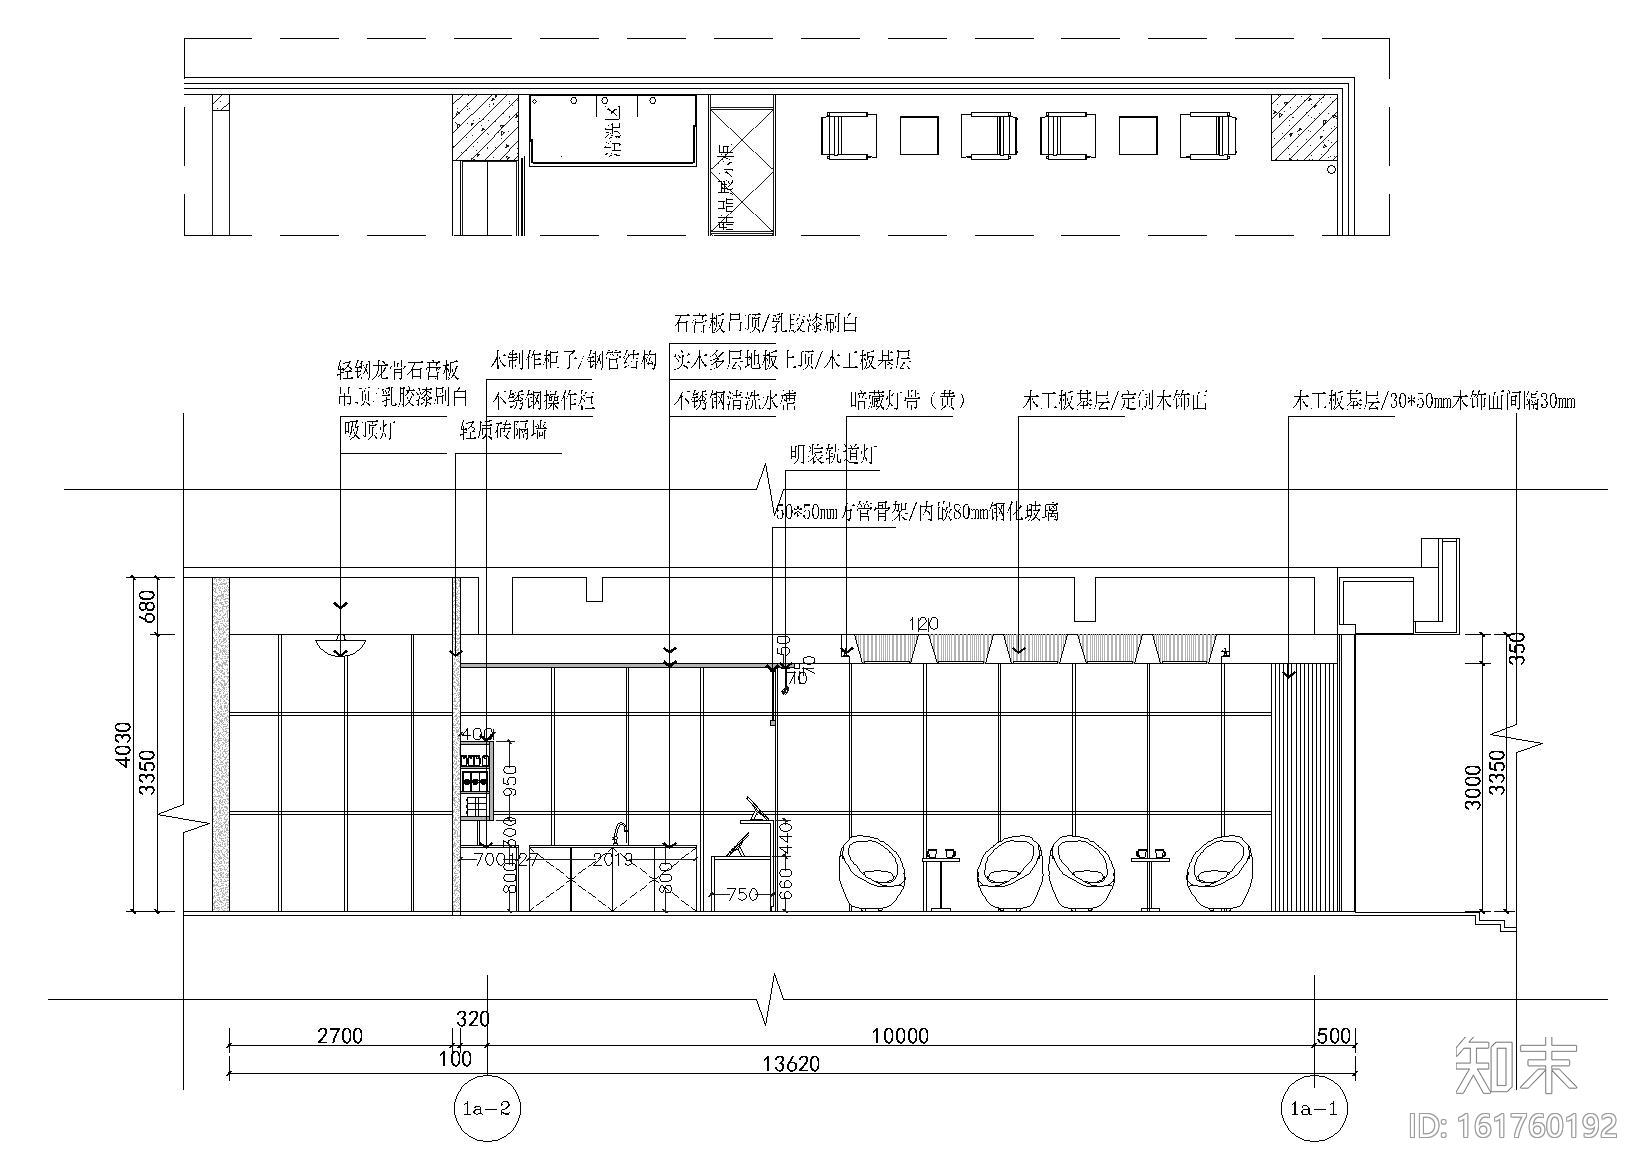 星巴克咖啡厅平面图_工业风ALL DAY工业风咖啡面包坊施工图+效果图【161760192】_知末资料库